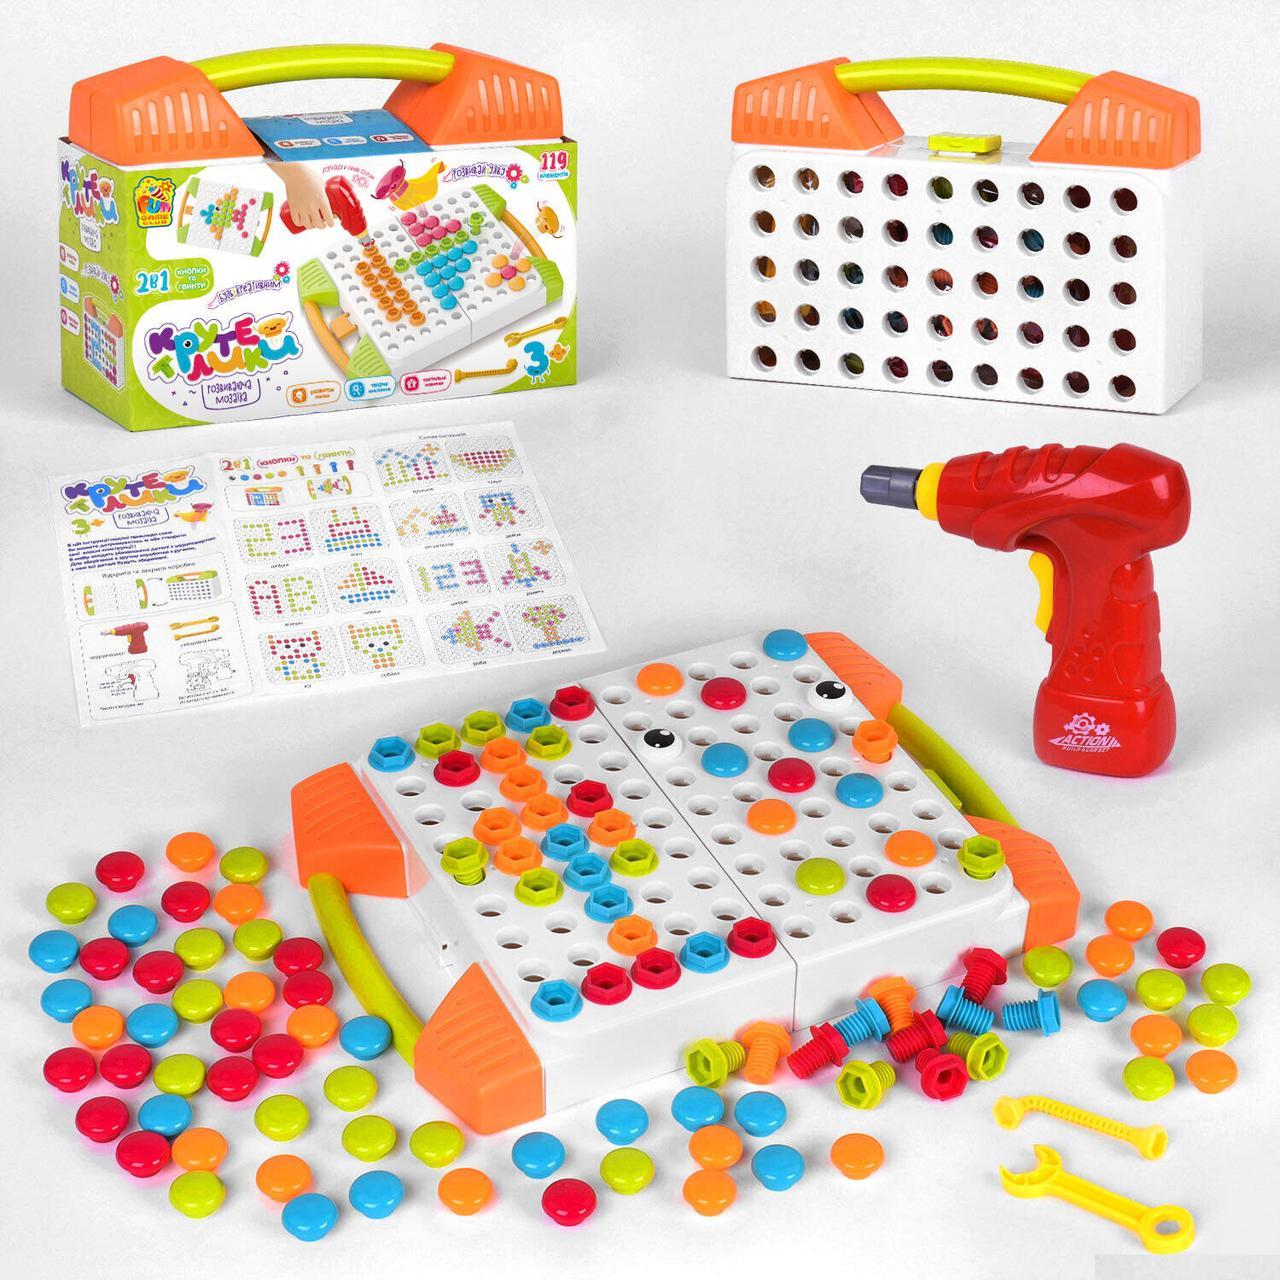 Мозаика в шуруповертом Fun Game арт. 83336